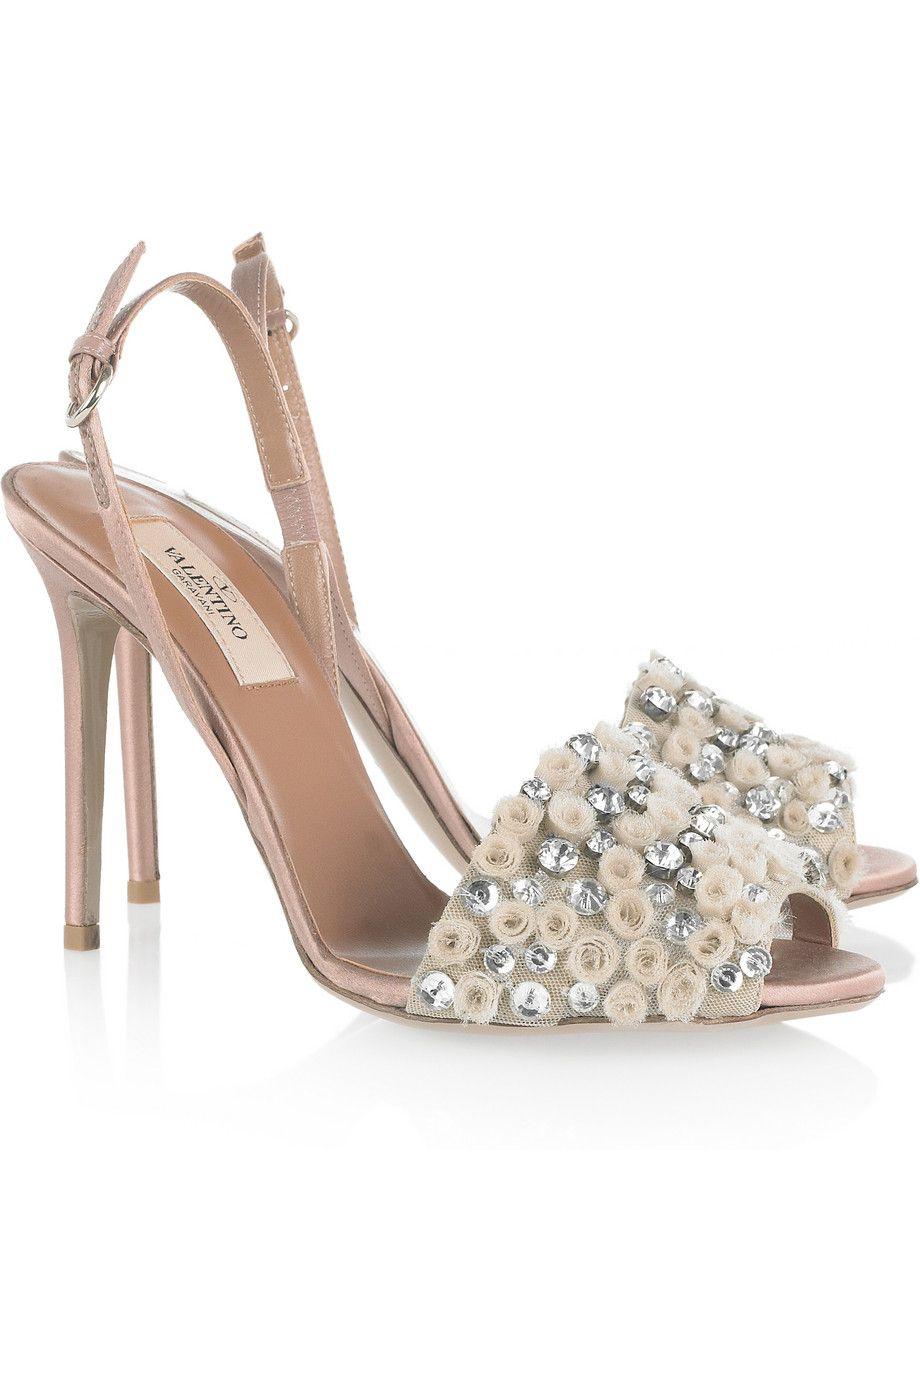 Valentino Crystal Embelleshed Satin Sandals Shoe Fancy Pinterest